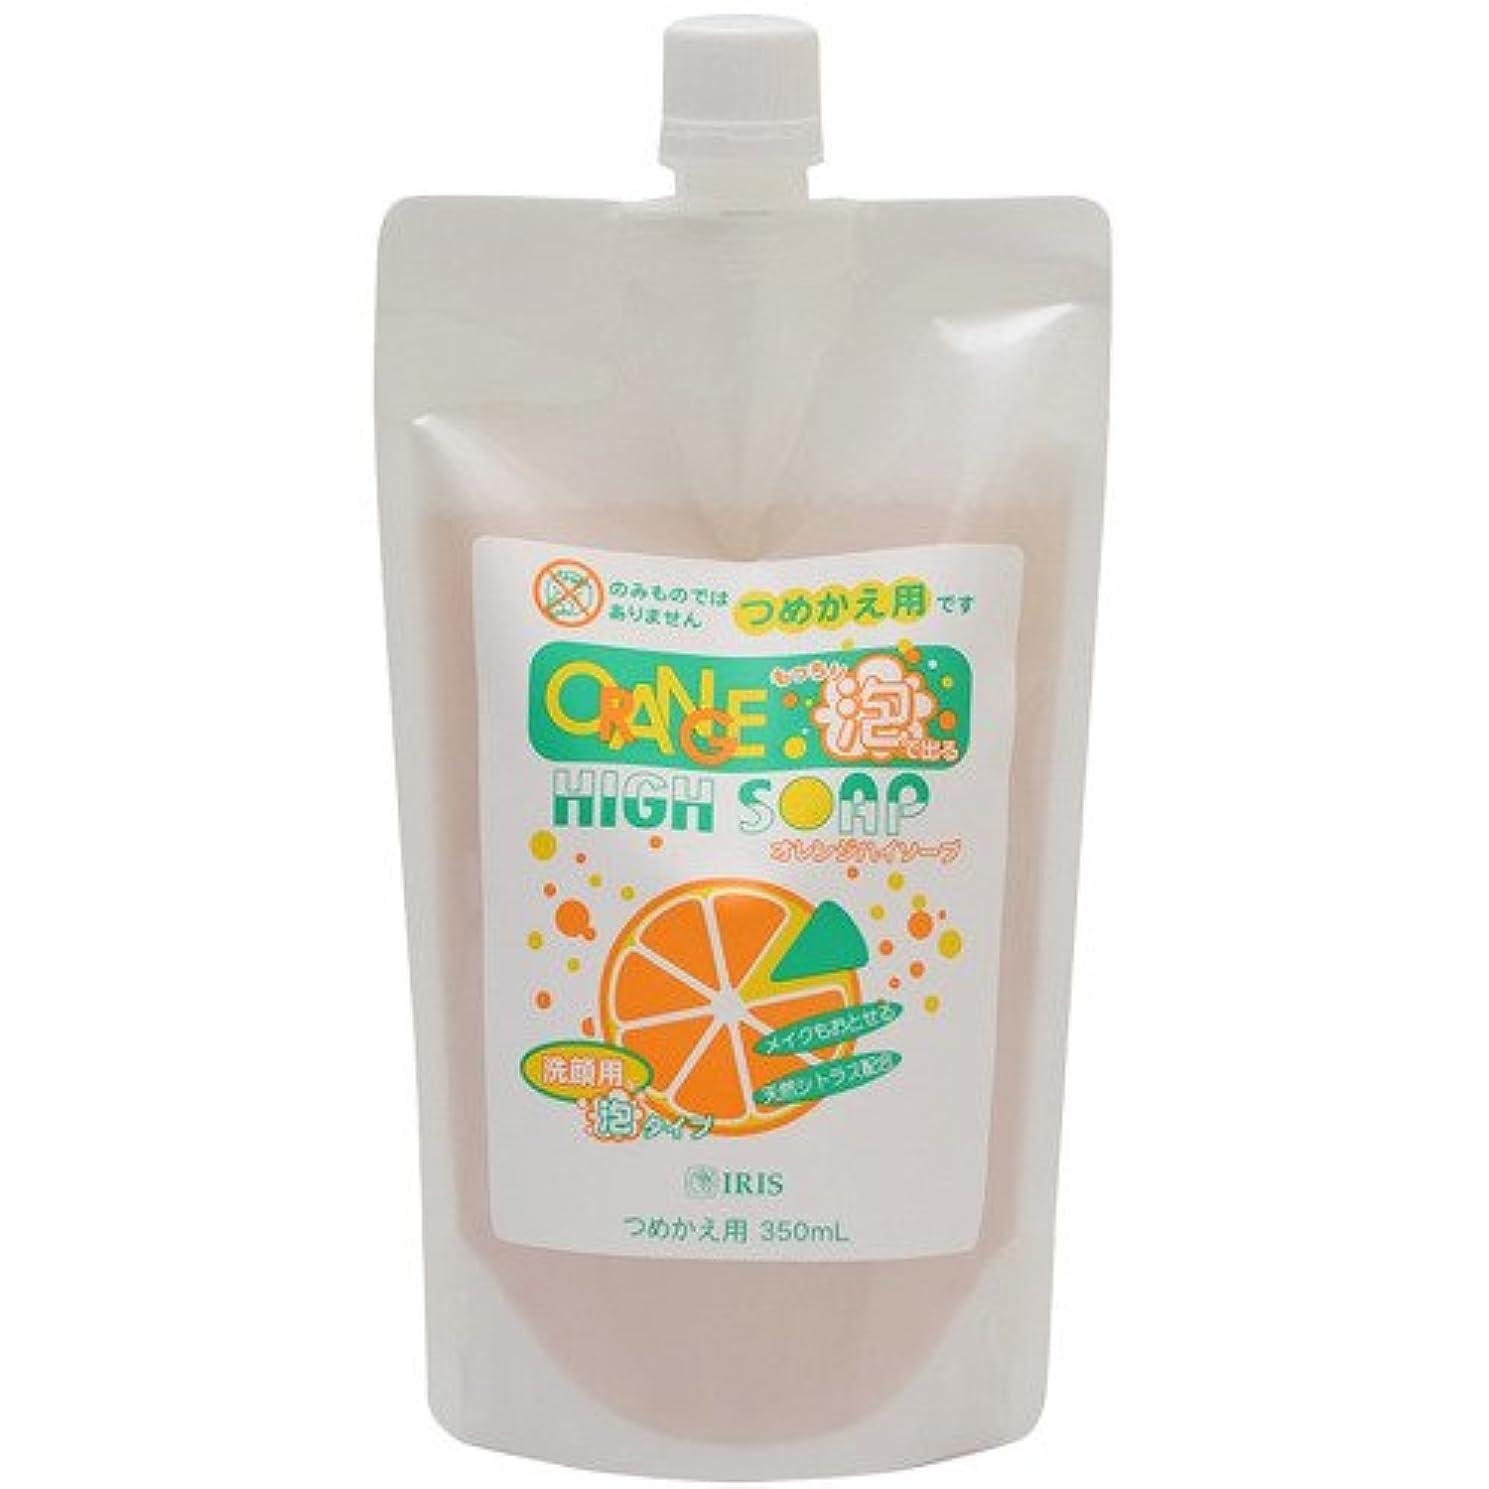 従順なテナントブルジョンオレンジハイソープ 洗顔用 泡タイプ ポンプ式 詰替用 350ml